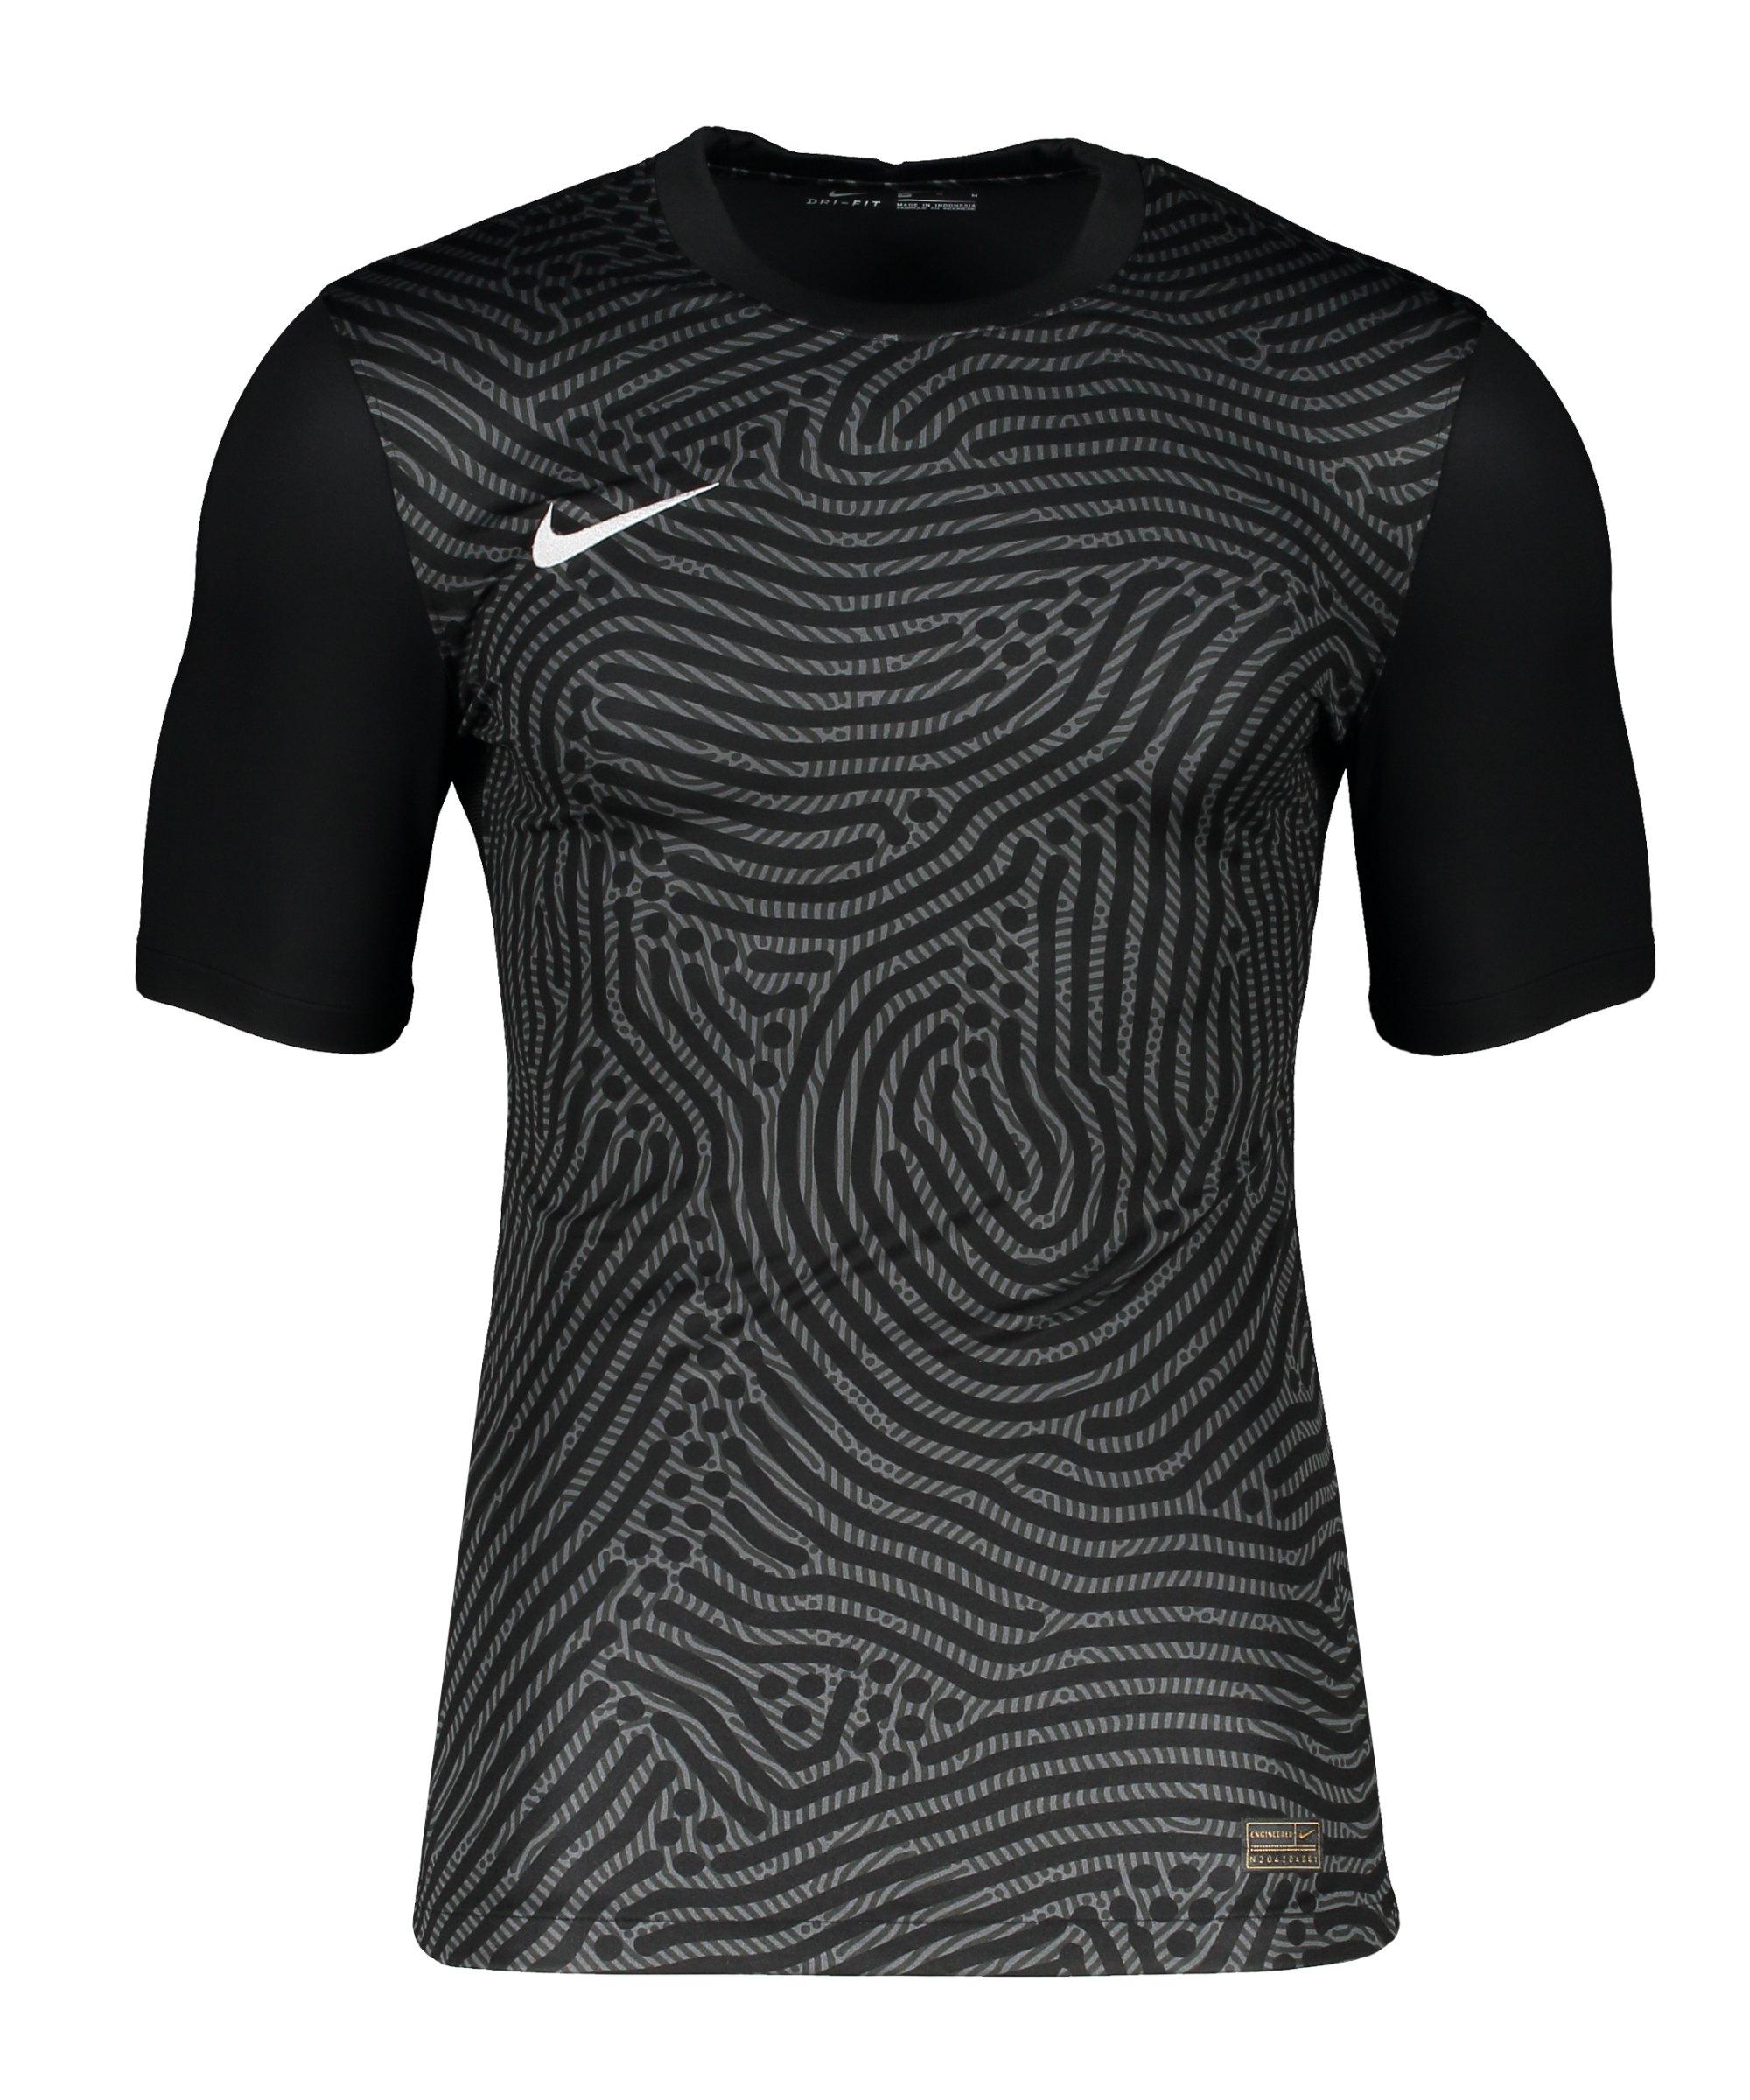 Nike Promo TW-Trikot kurzarm Schwarz Grau F021 - schwarz